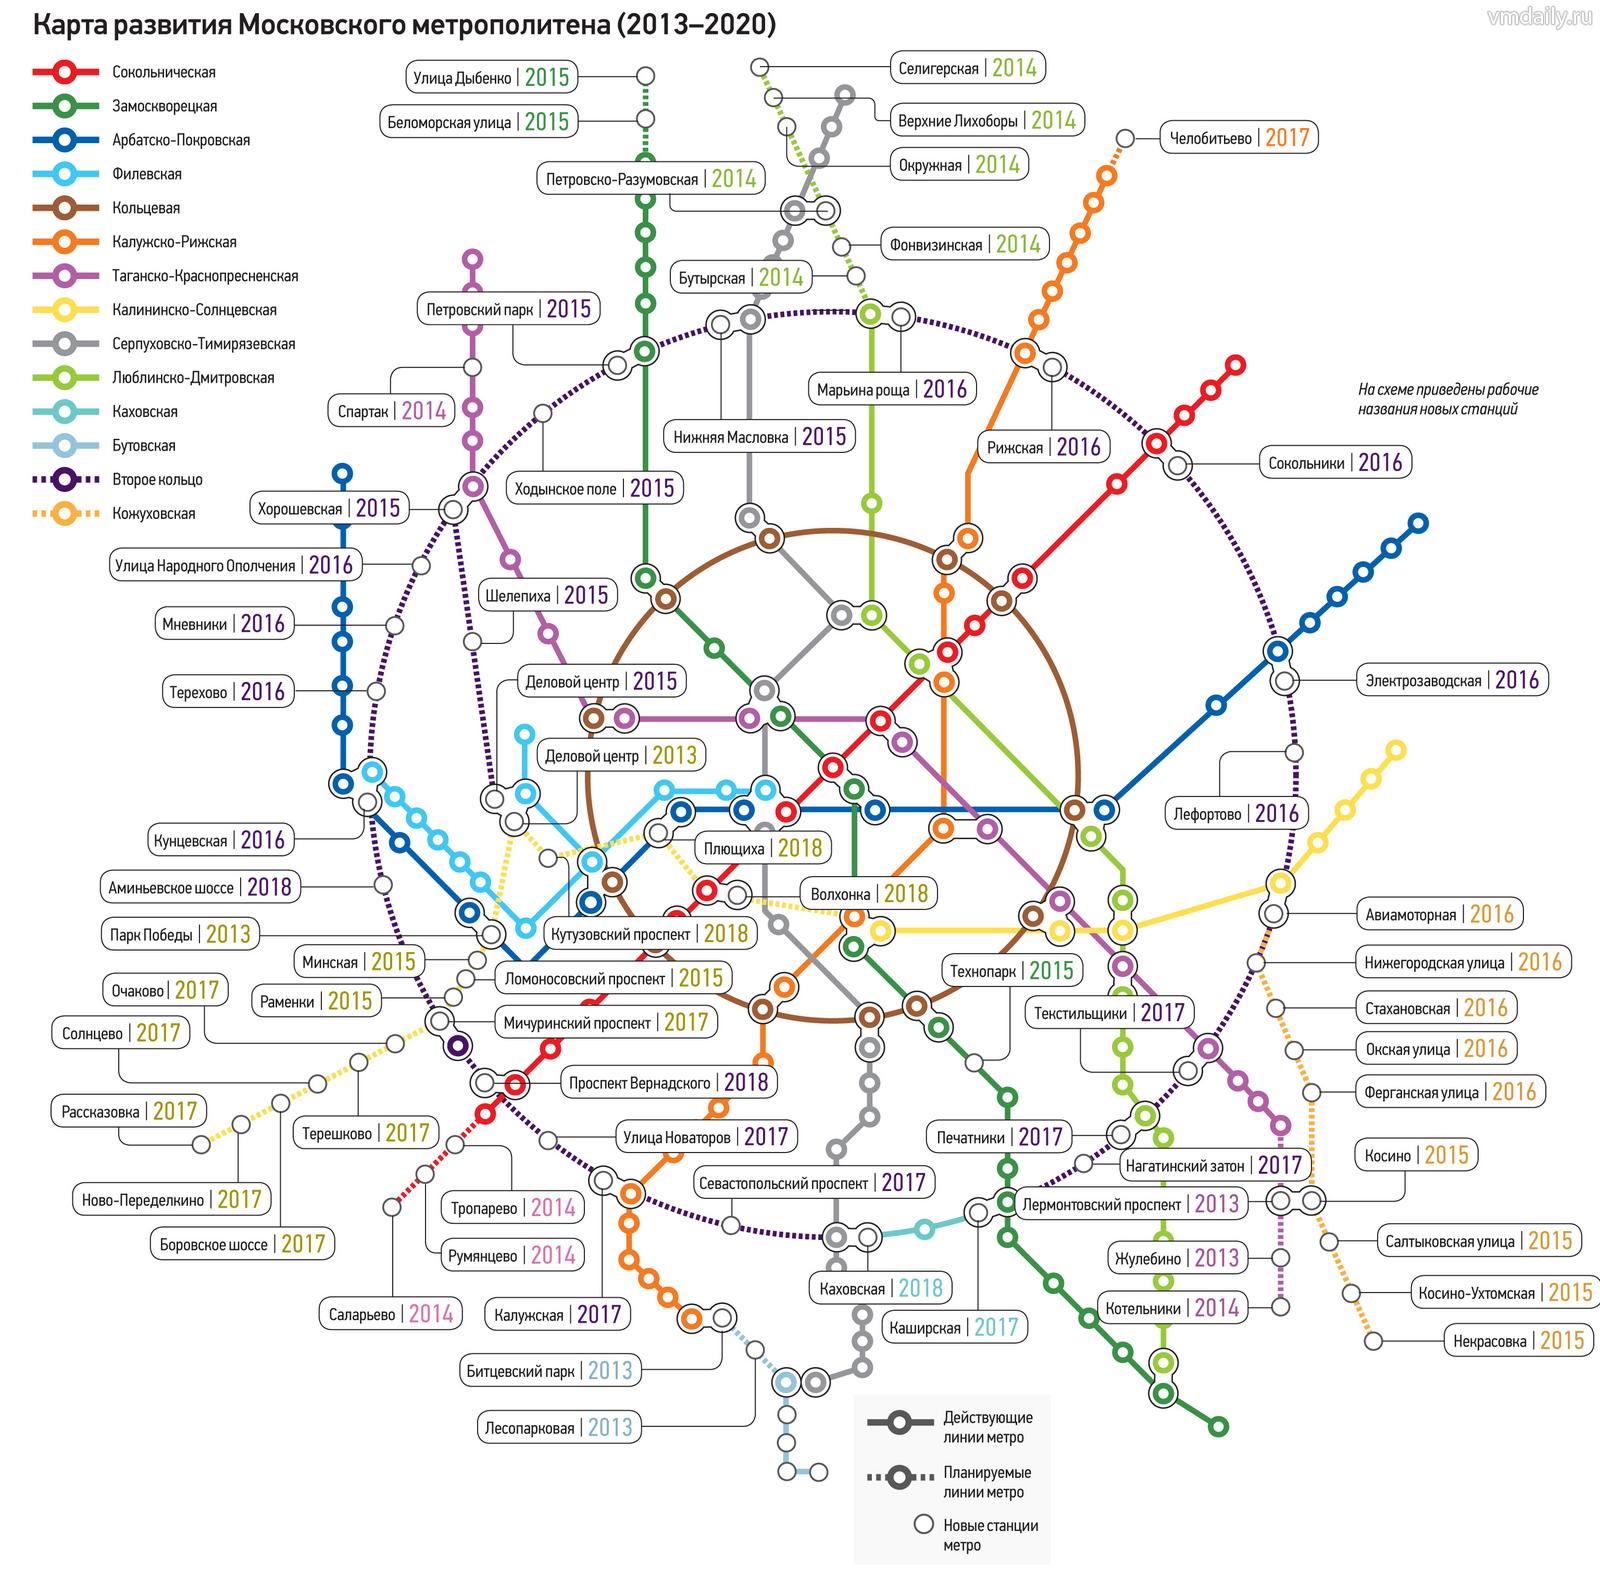 Новые станции метро в 2017 году санкт петербург